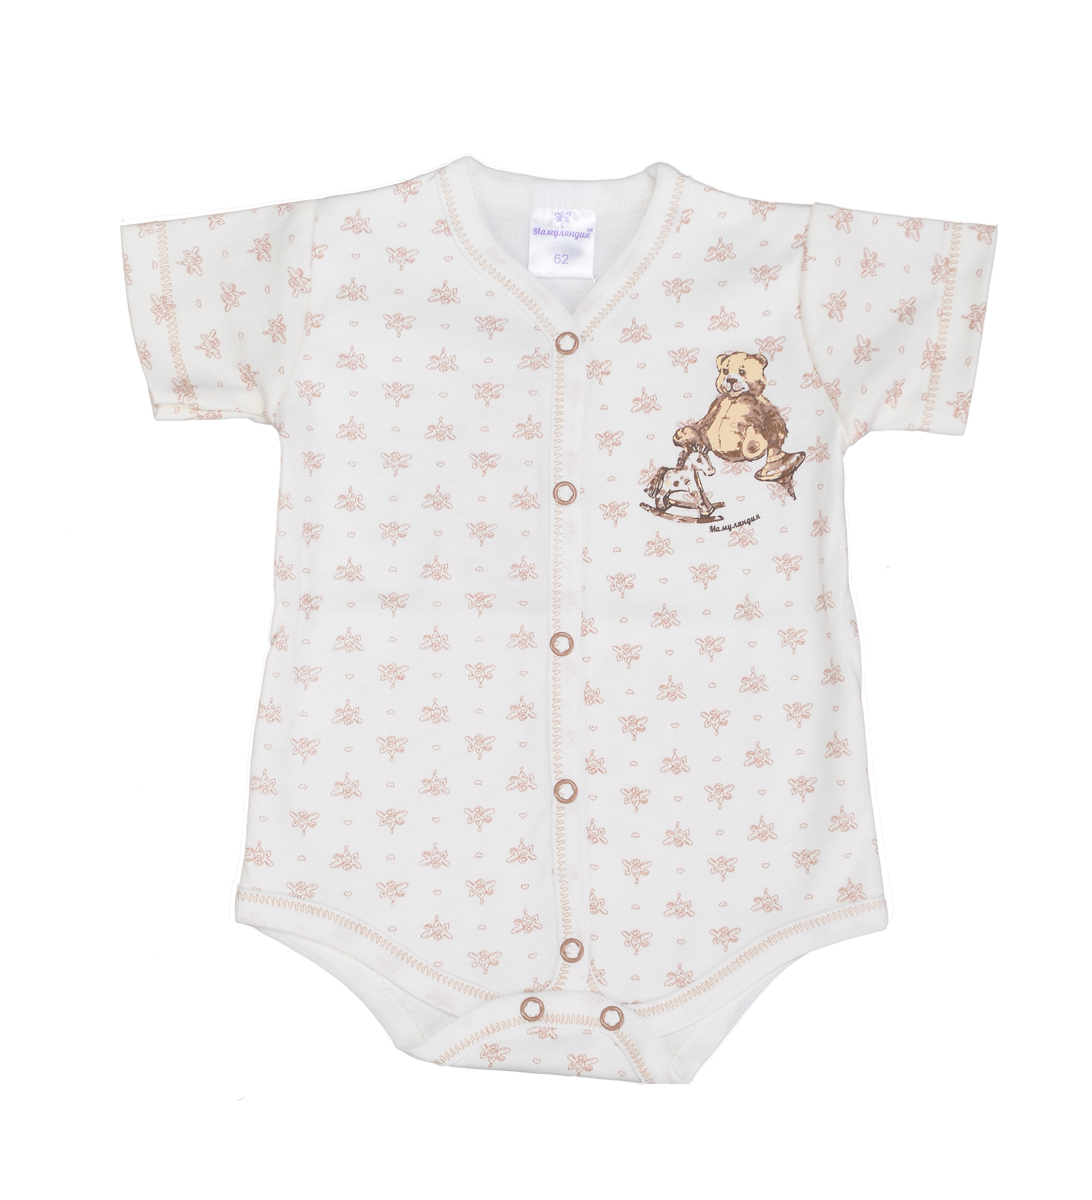 Боди детское Мамуляндия, цвет: бежевый. 15-501-2. Размер 86 боди детское hudson baby hudson baby боди цыплёнок 3 шт бирюзово розовый